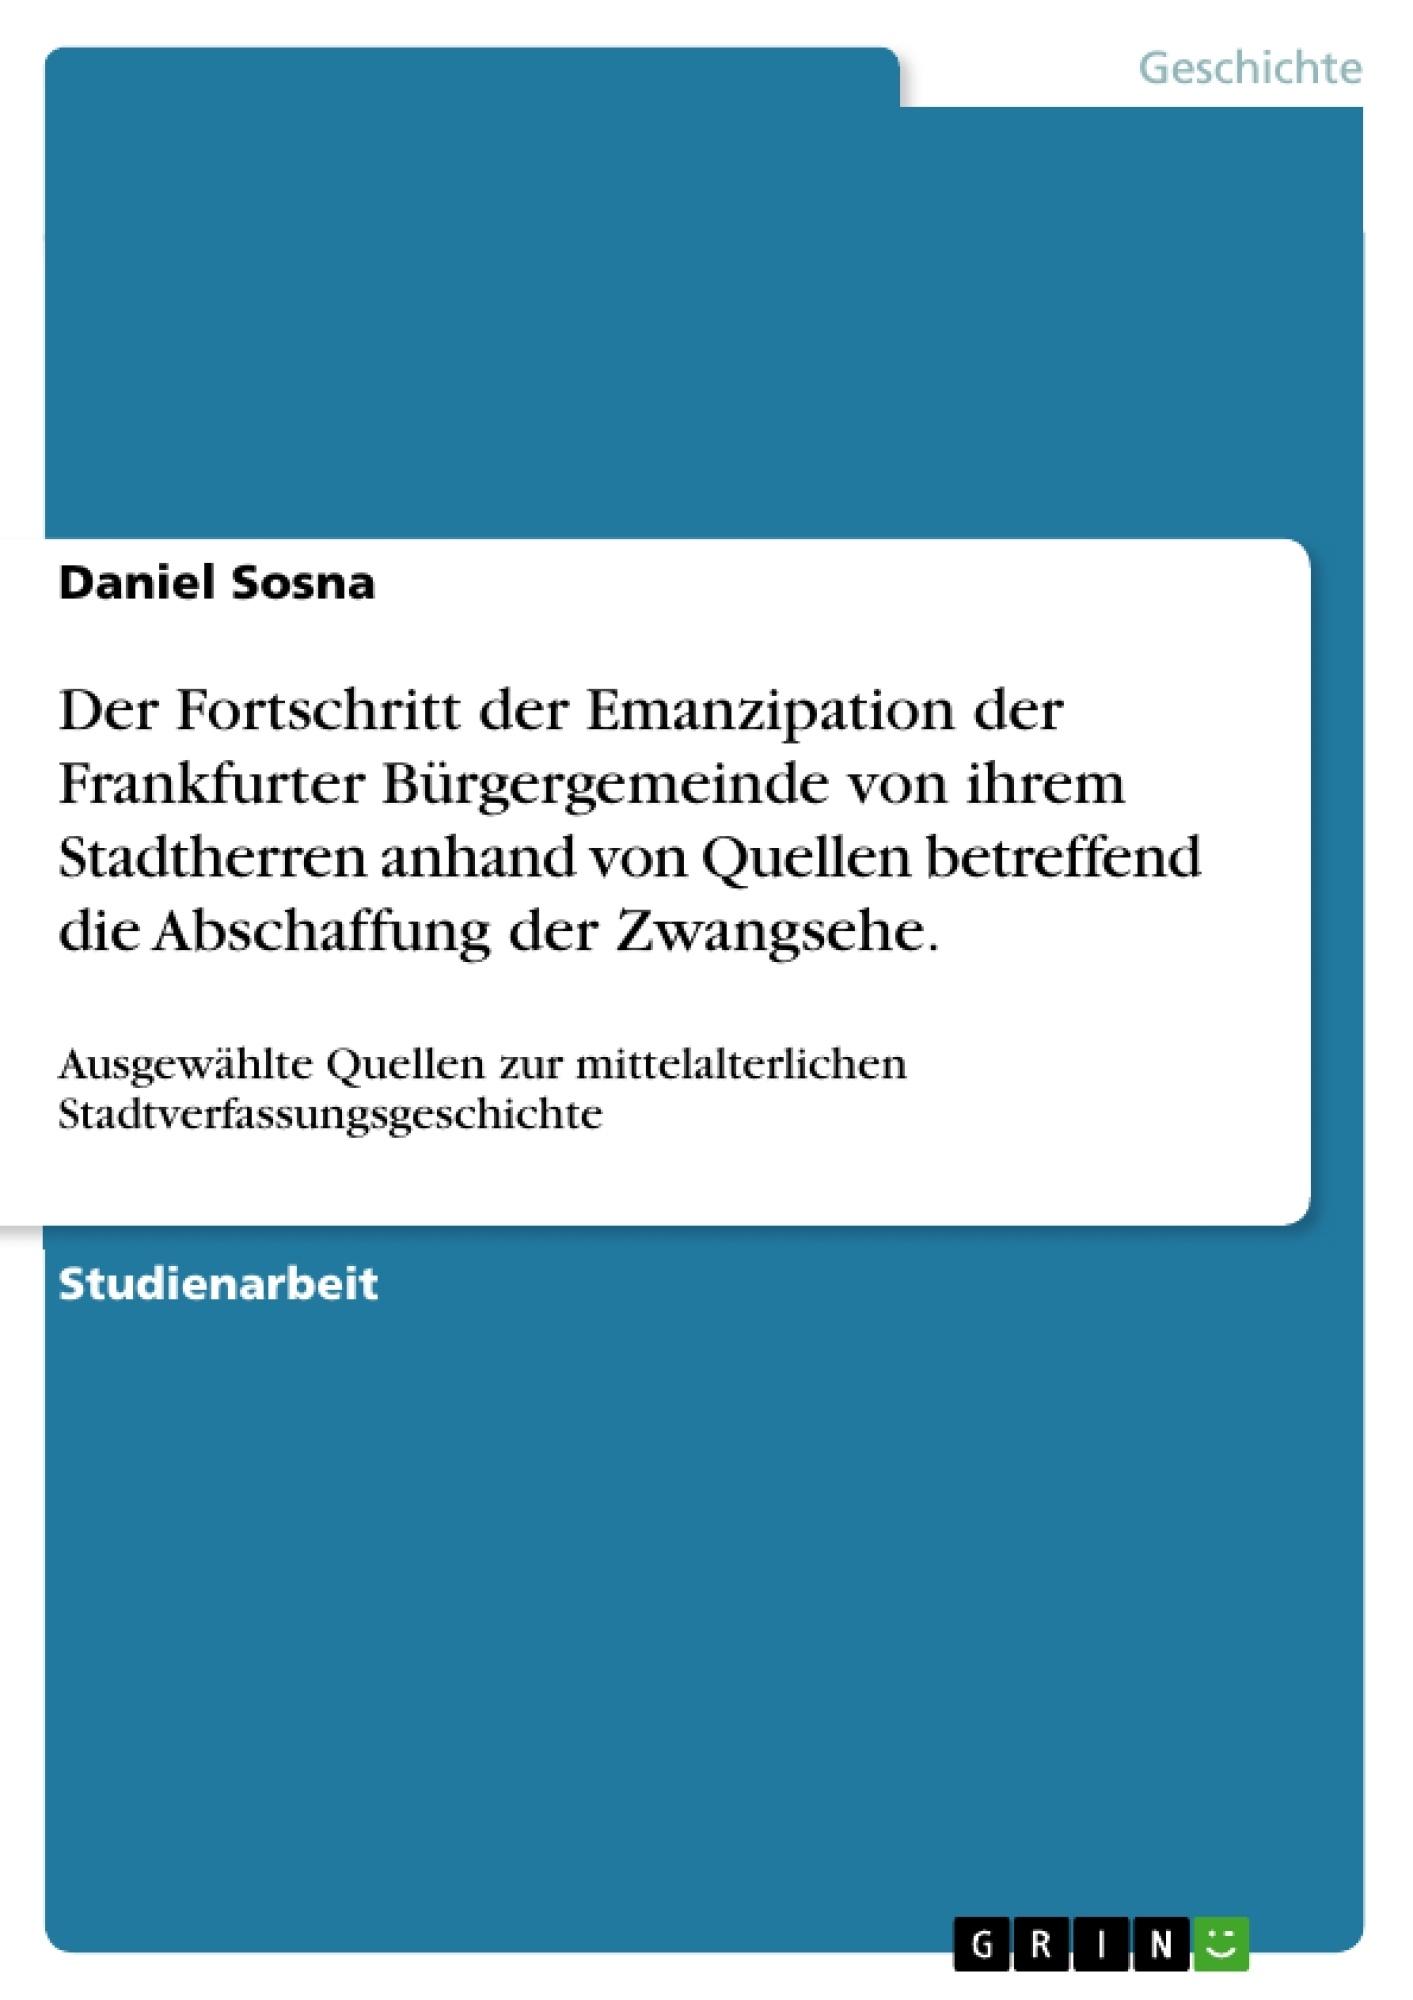 Titel: Der Fortschritt der Emanzipation der Frankfurter Bürgergemeinde von ihrem Stadtherren anhand von Quellen betreffend die Abschaffung der Zwangsehe.